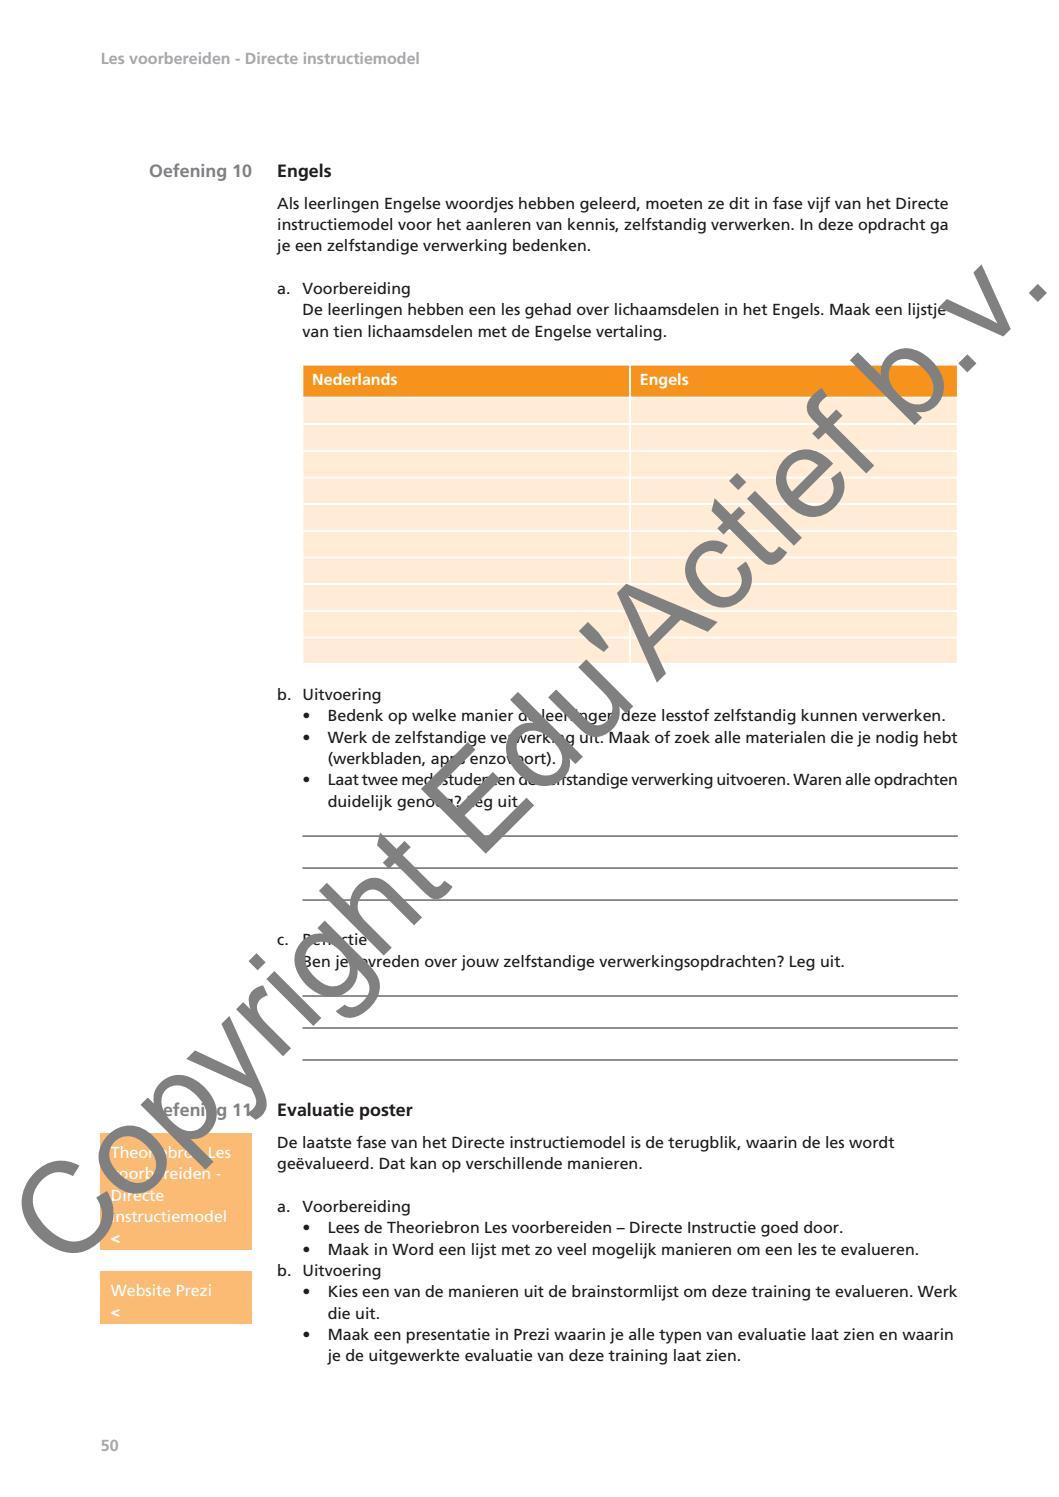 Hedendaags 40825 Instructies geven en lesvoorbereidingen by Uitgeverij Edu CM-04